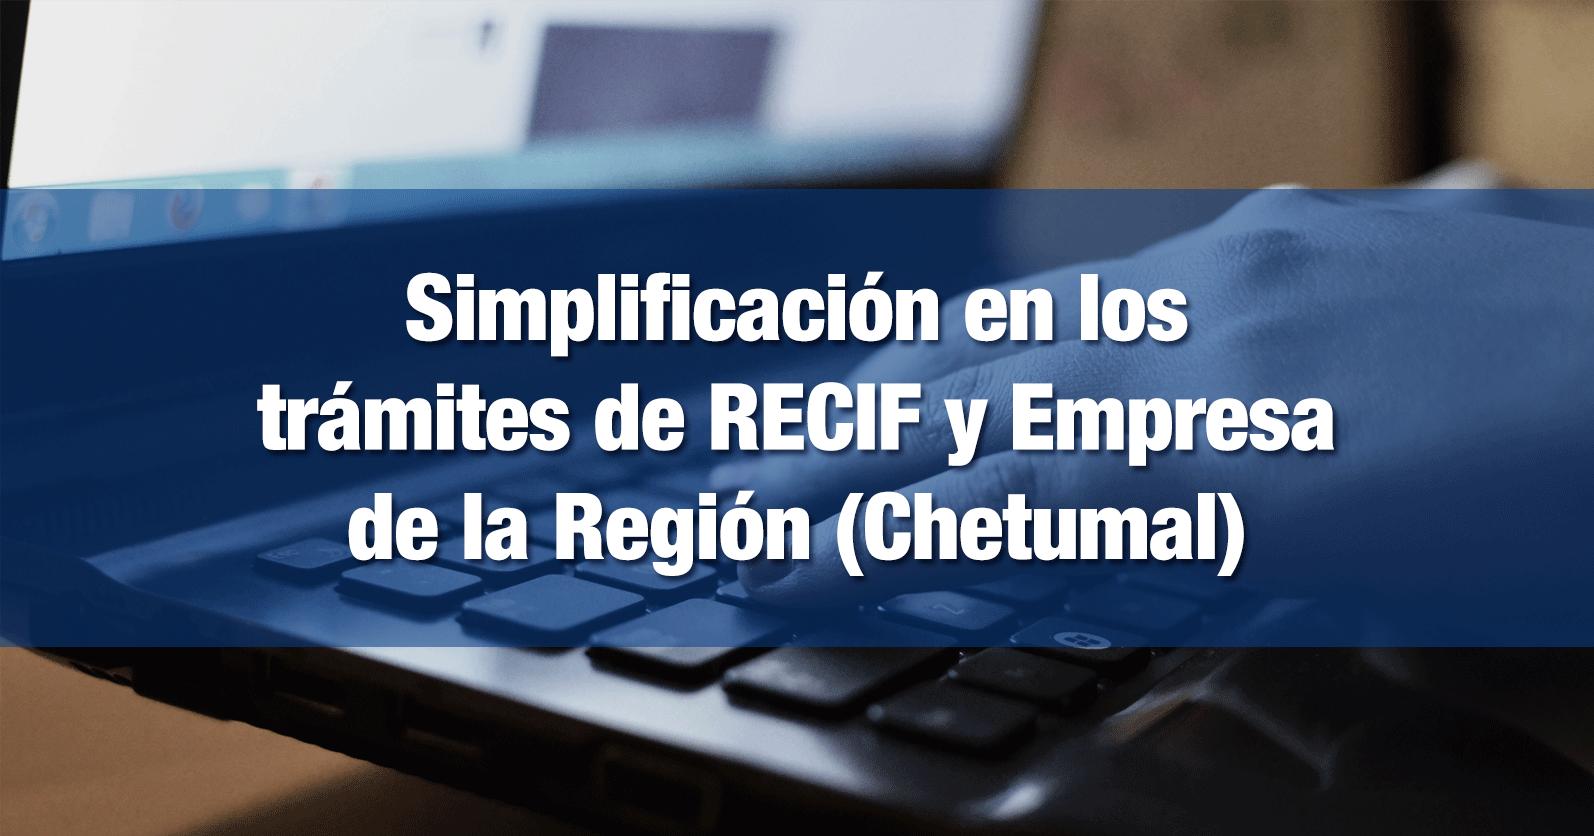 Simplificación en los trámites de RECIF y Empresa de la Región (Chetumal)